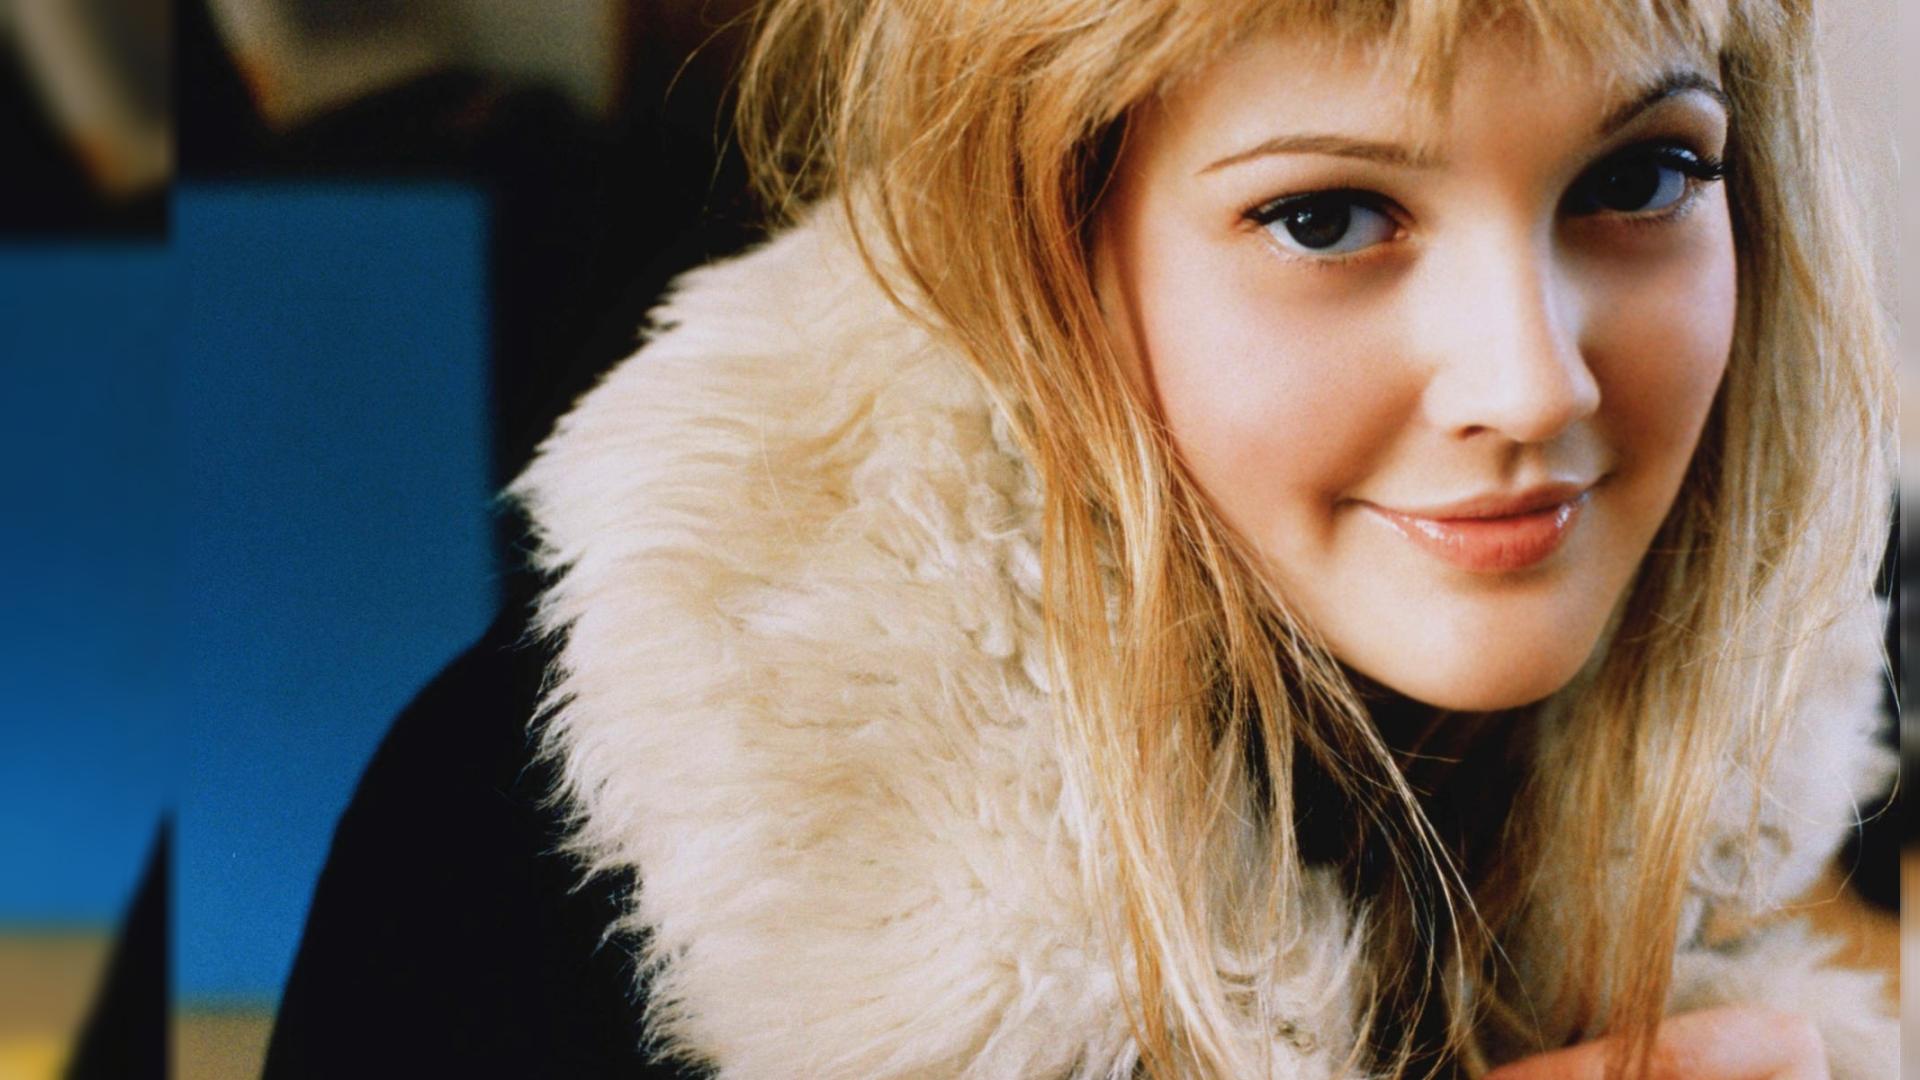 Cute Drew Barrymore HD Wallpaper